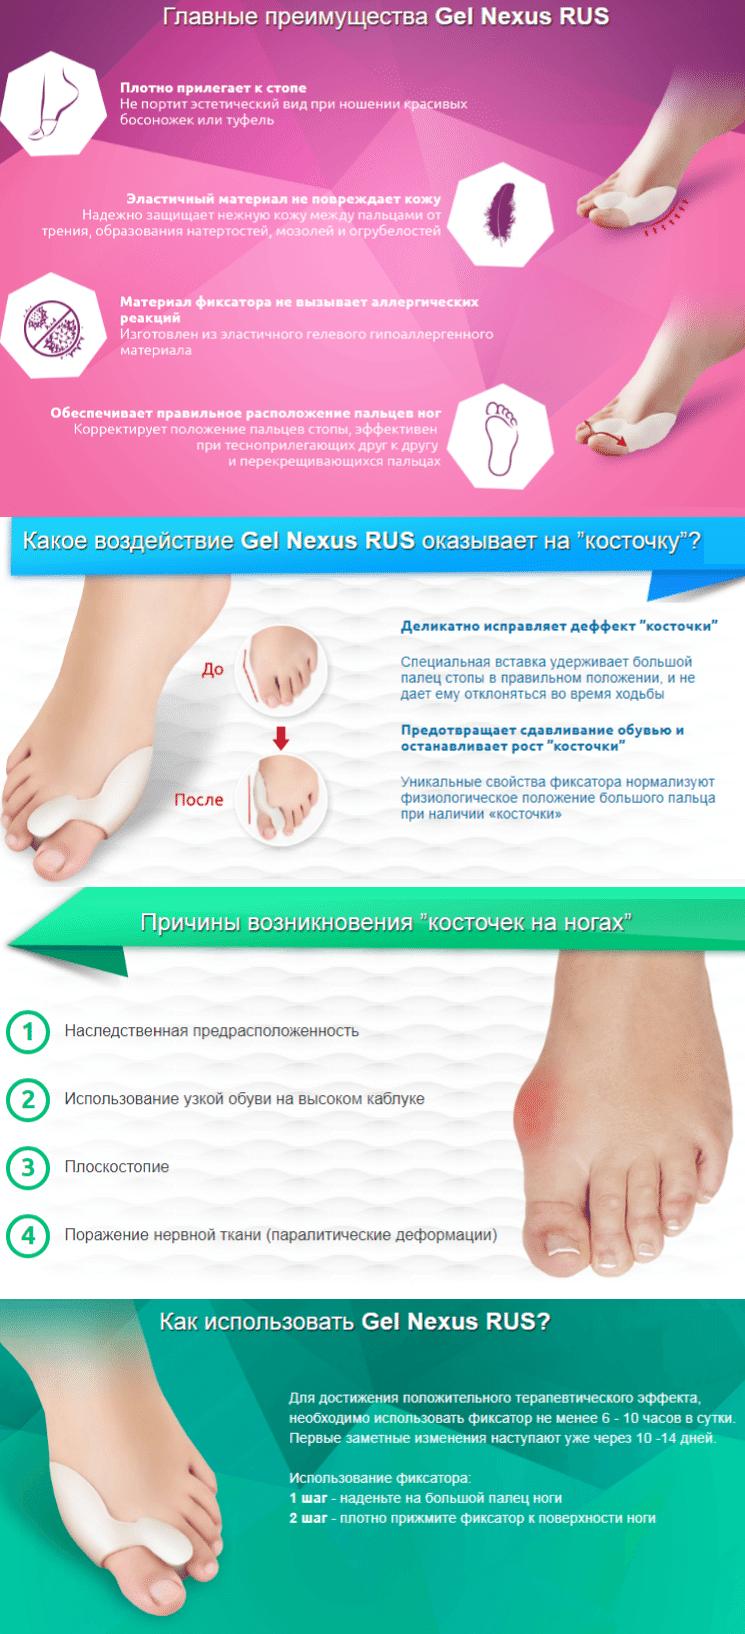 Gel Nexus средство от косточки на ноге купить